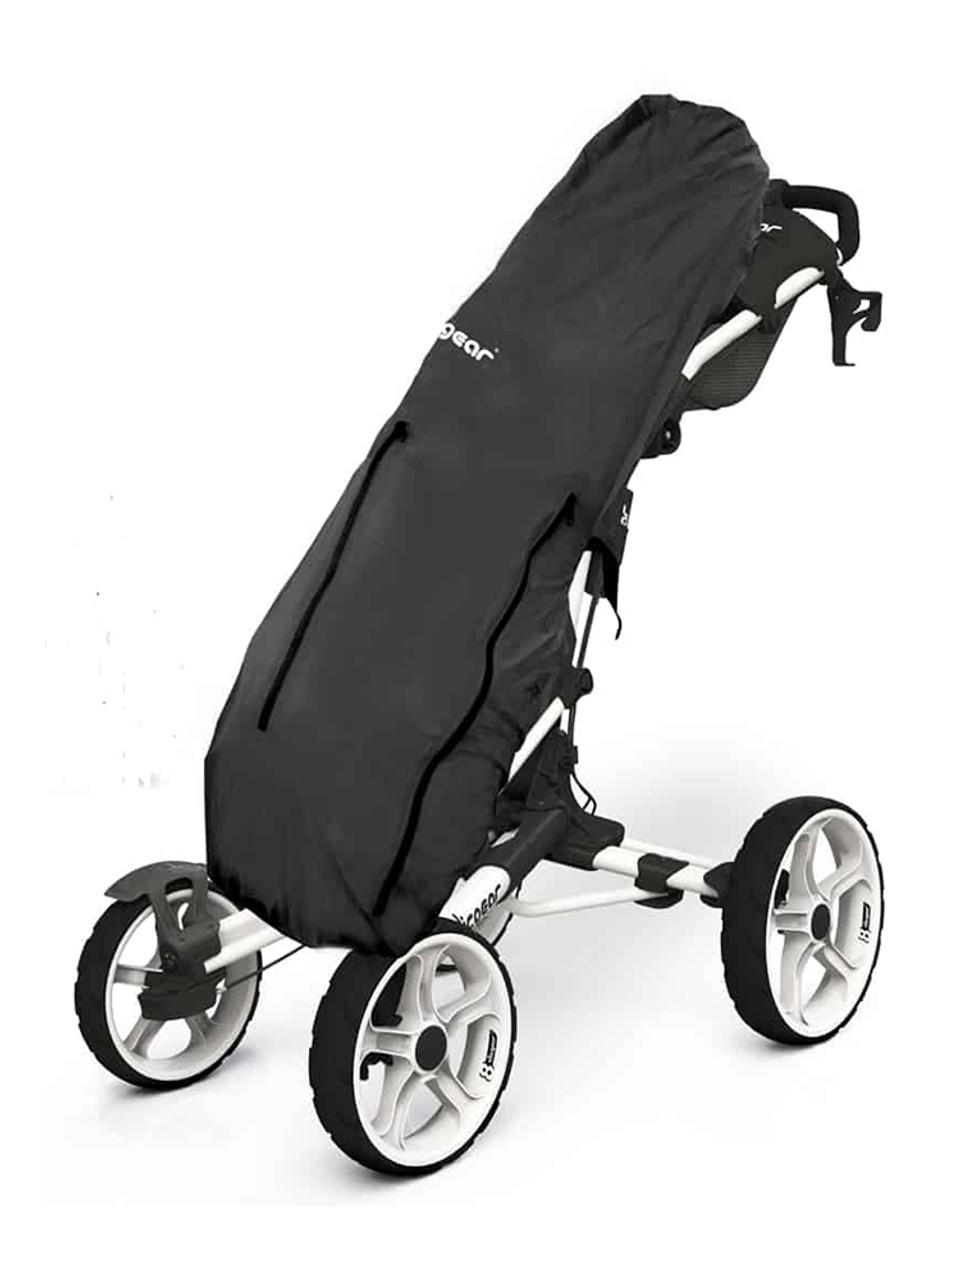 039ec54968e1 Clicgear Golf Bag Rain Cover Black